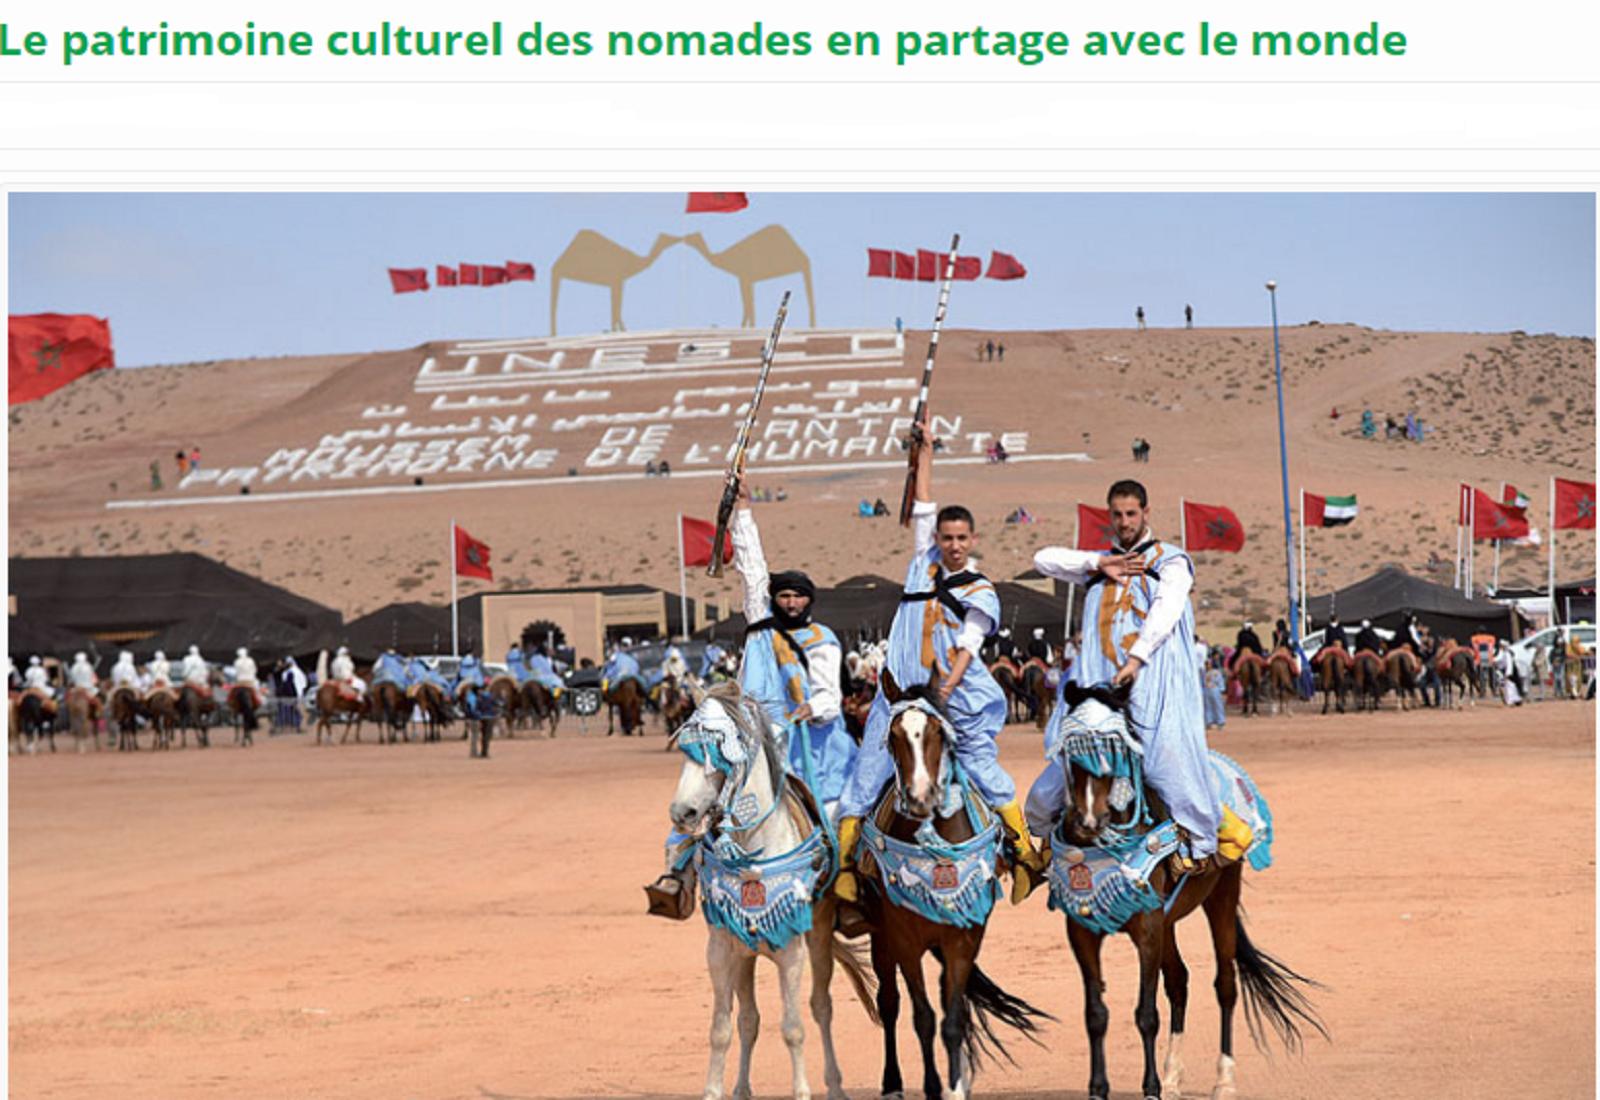 Le patrimoine culturel des nomades en partage avec le monde